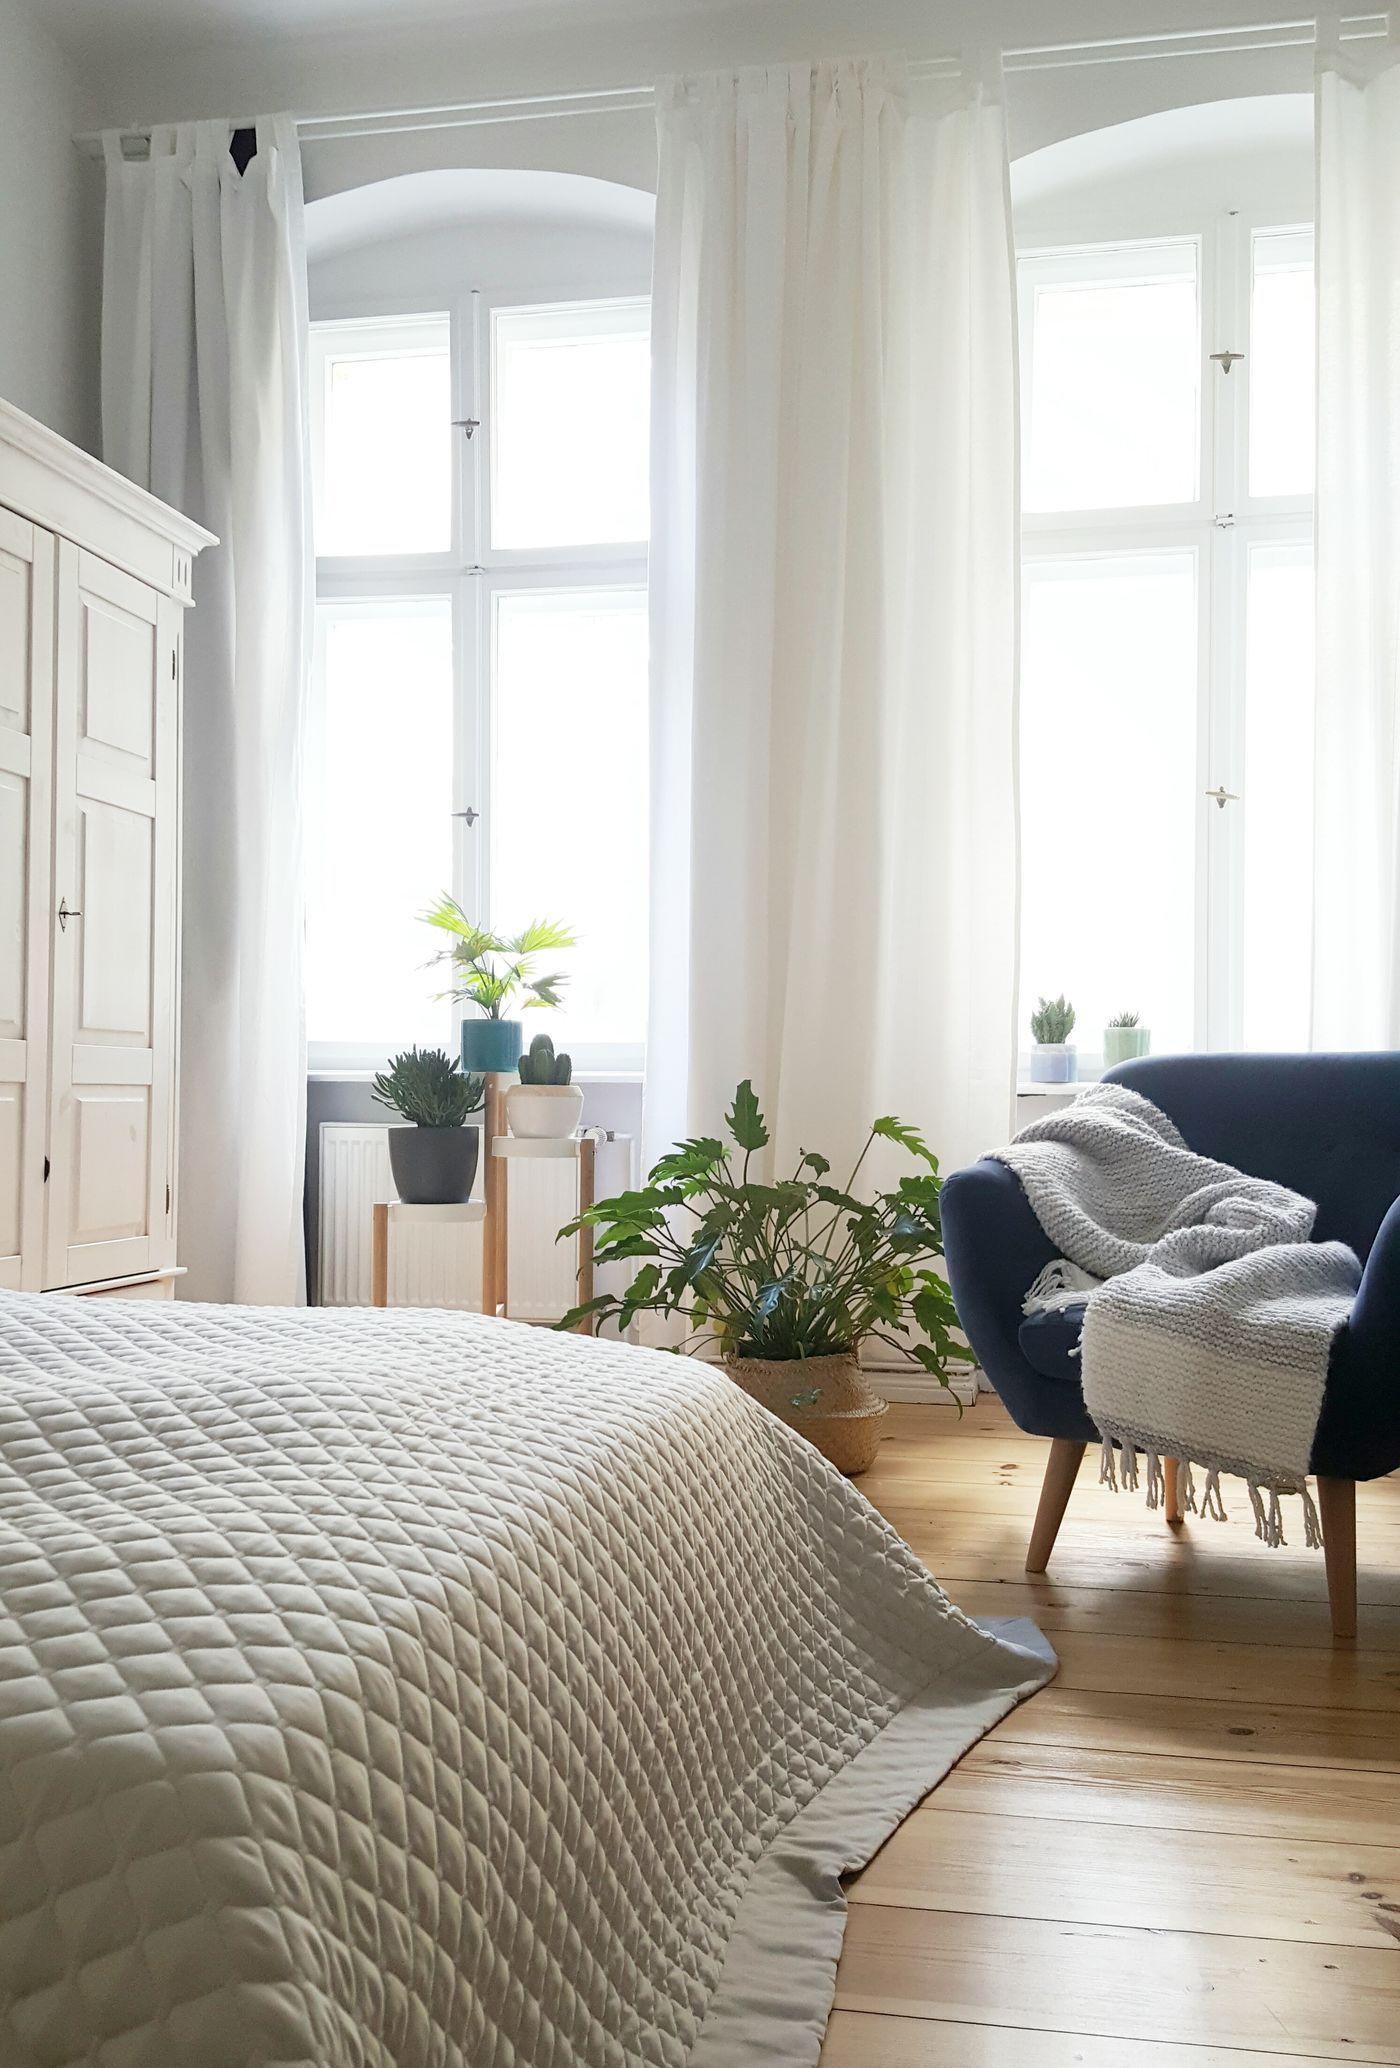 Full Size of Relaxliege Wohnzimmer Ikea Deckenleuchte Deckenleuchten Deckenlampen Für Bilder Fürs Decke Landhausstil Stehlampe Tisch Hängeschrank Weiß Hochglanz Sessel Wohnzimmer Relaxliege Wohnzimmer Ikea